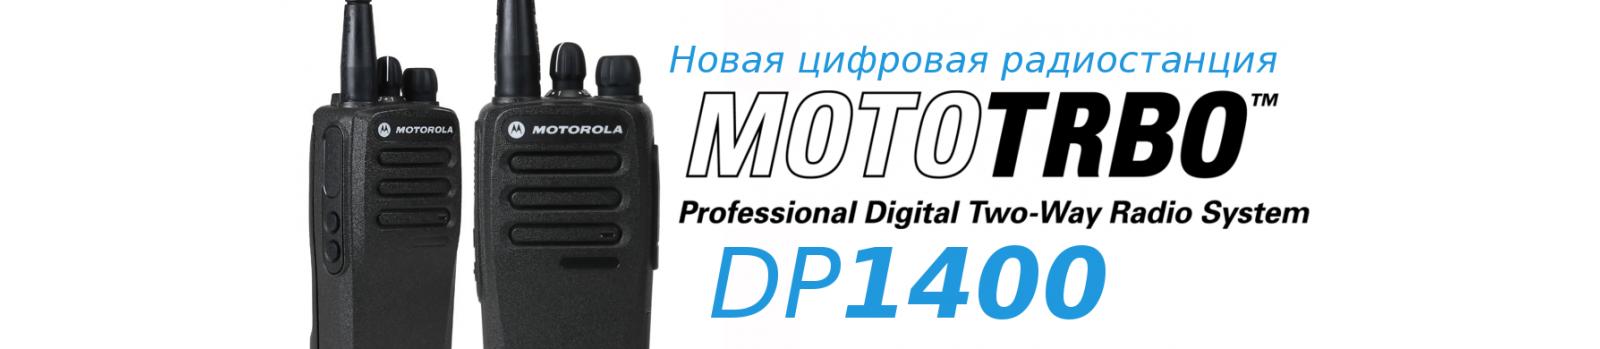 Моторола ДП1400